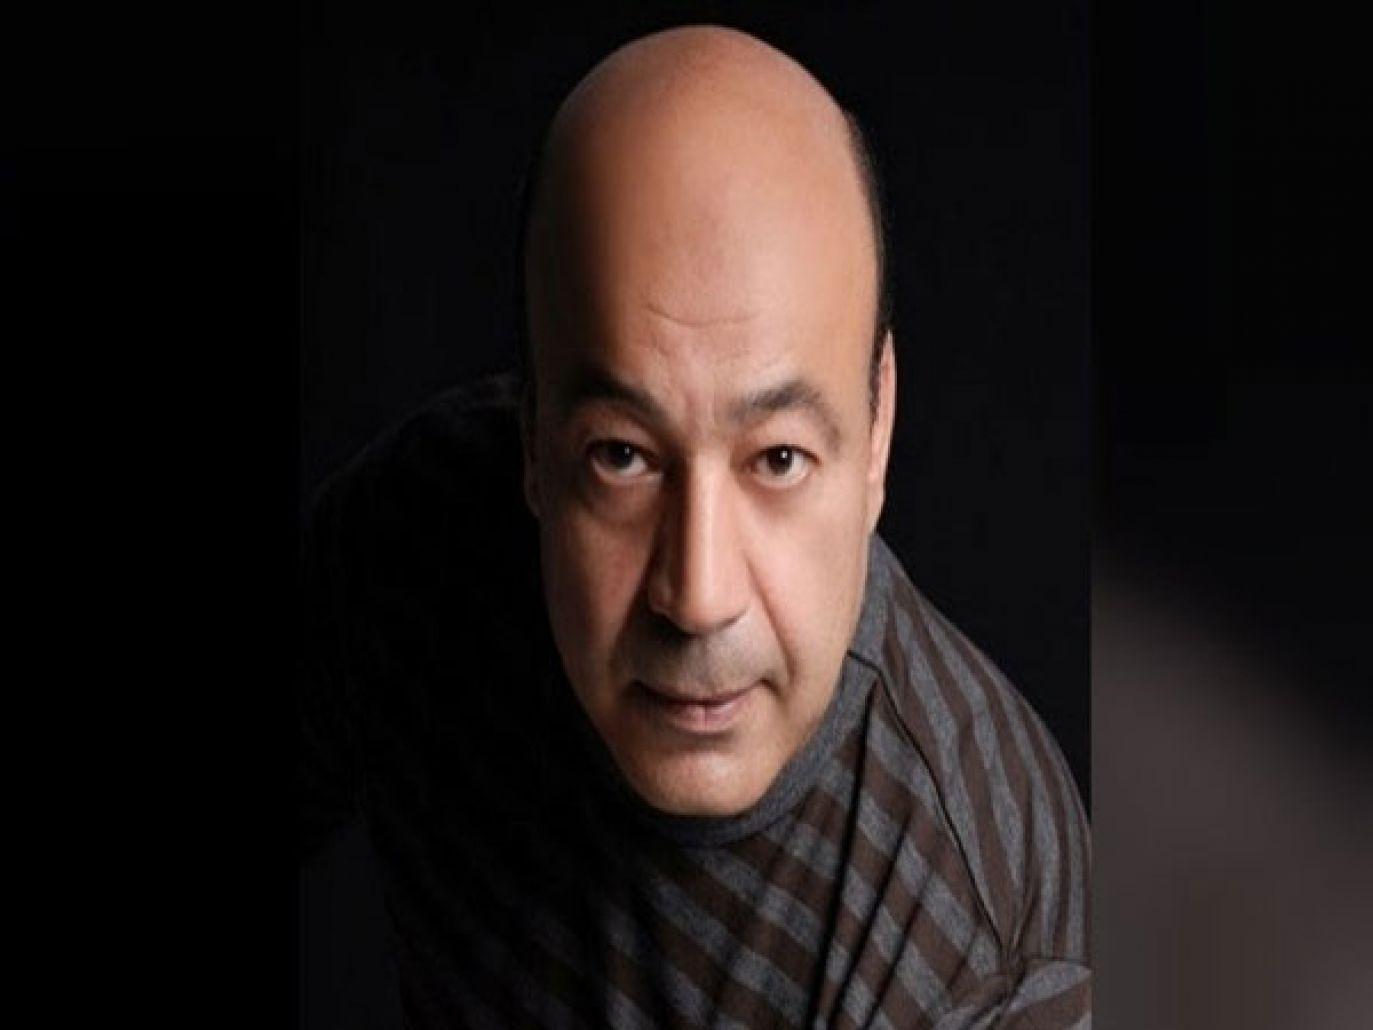 الموت يفجع الفنان حجاج عبدالعظيم للمرة الثانية في 5 أيام